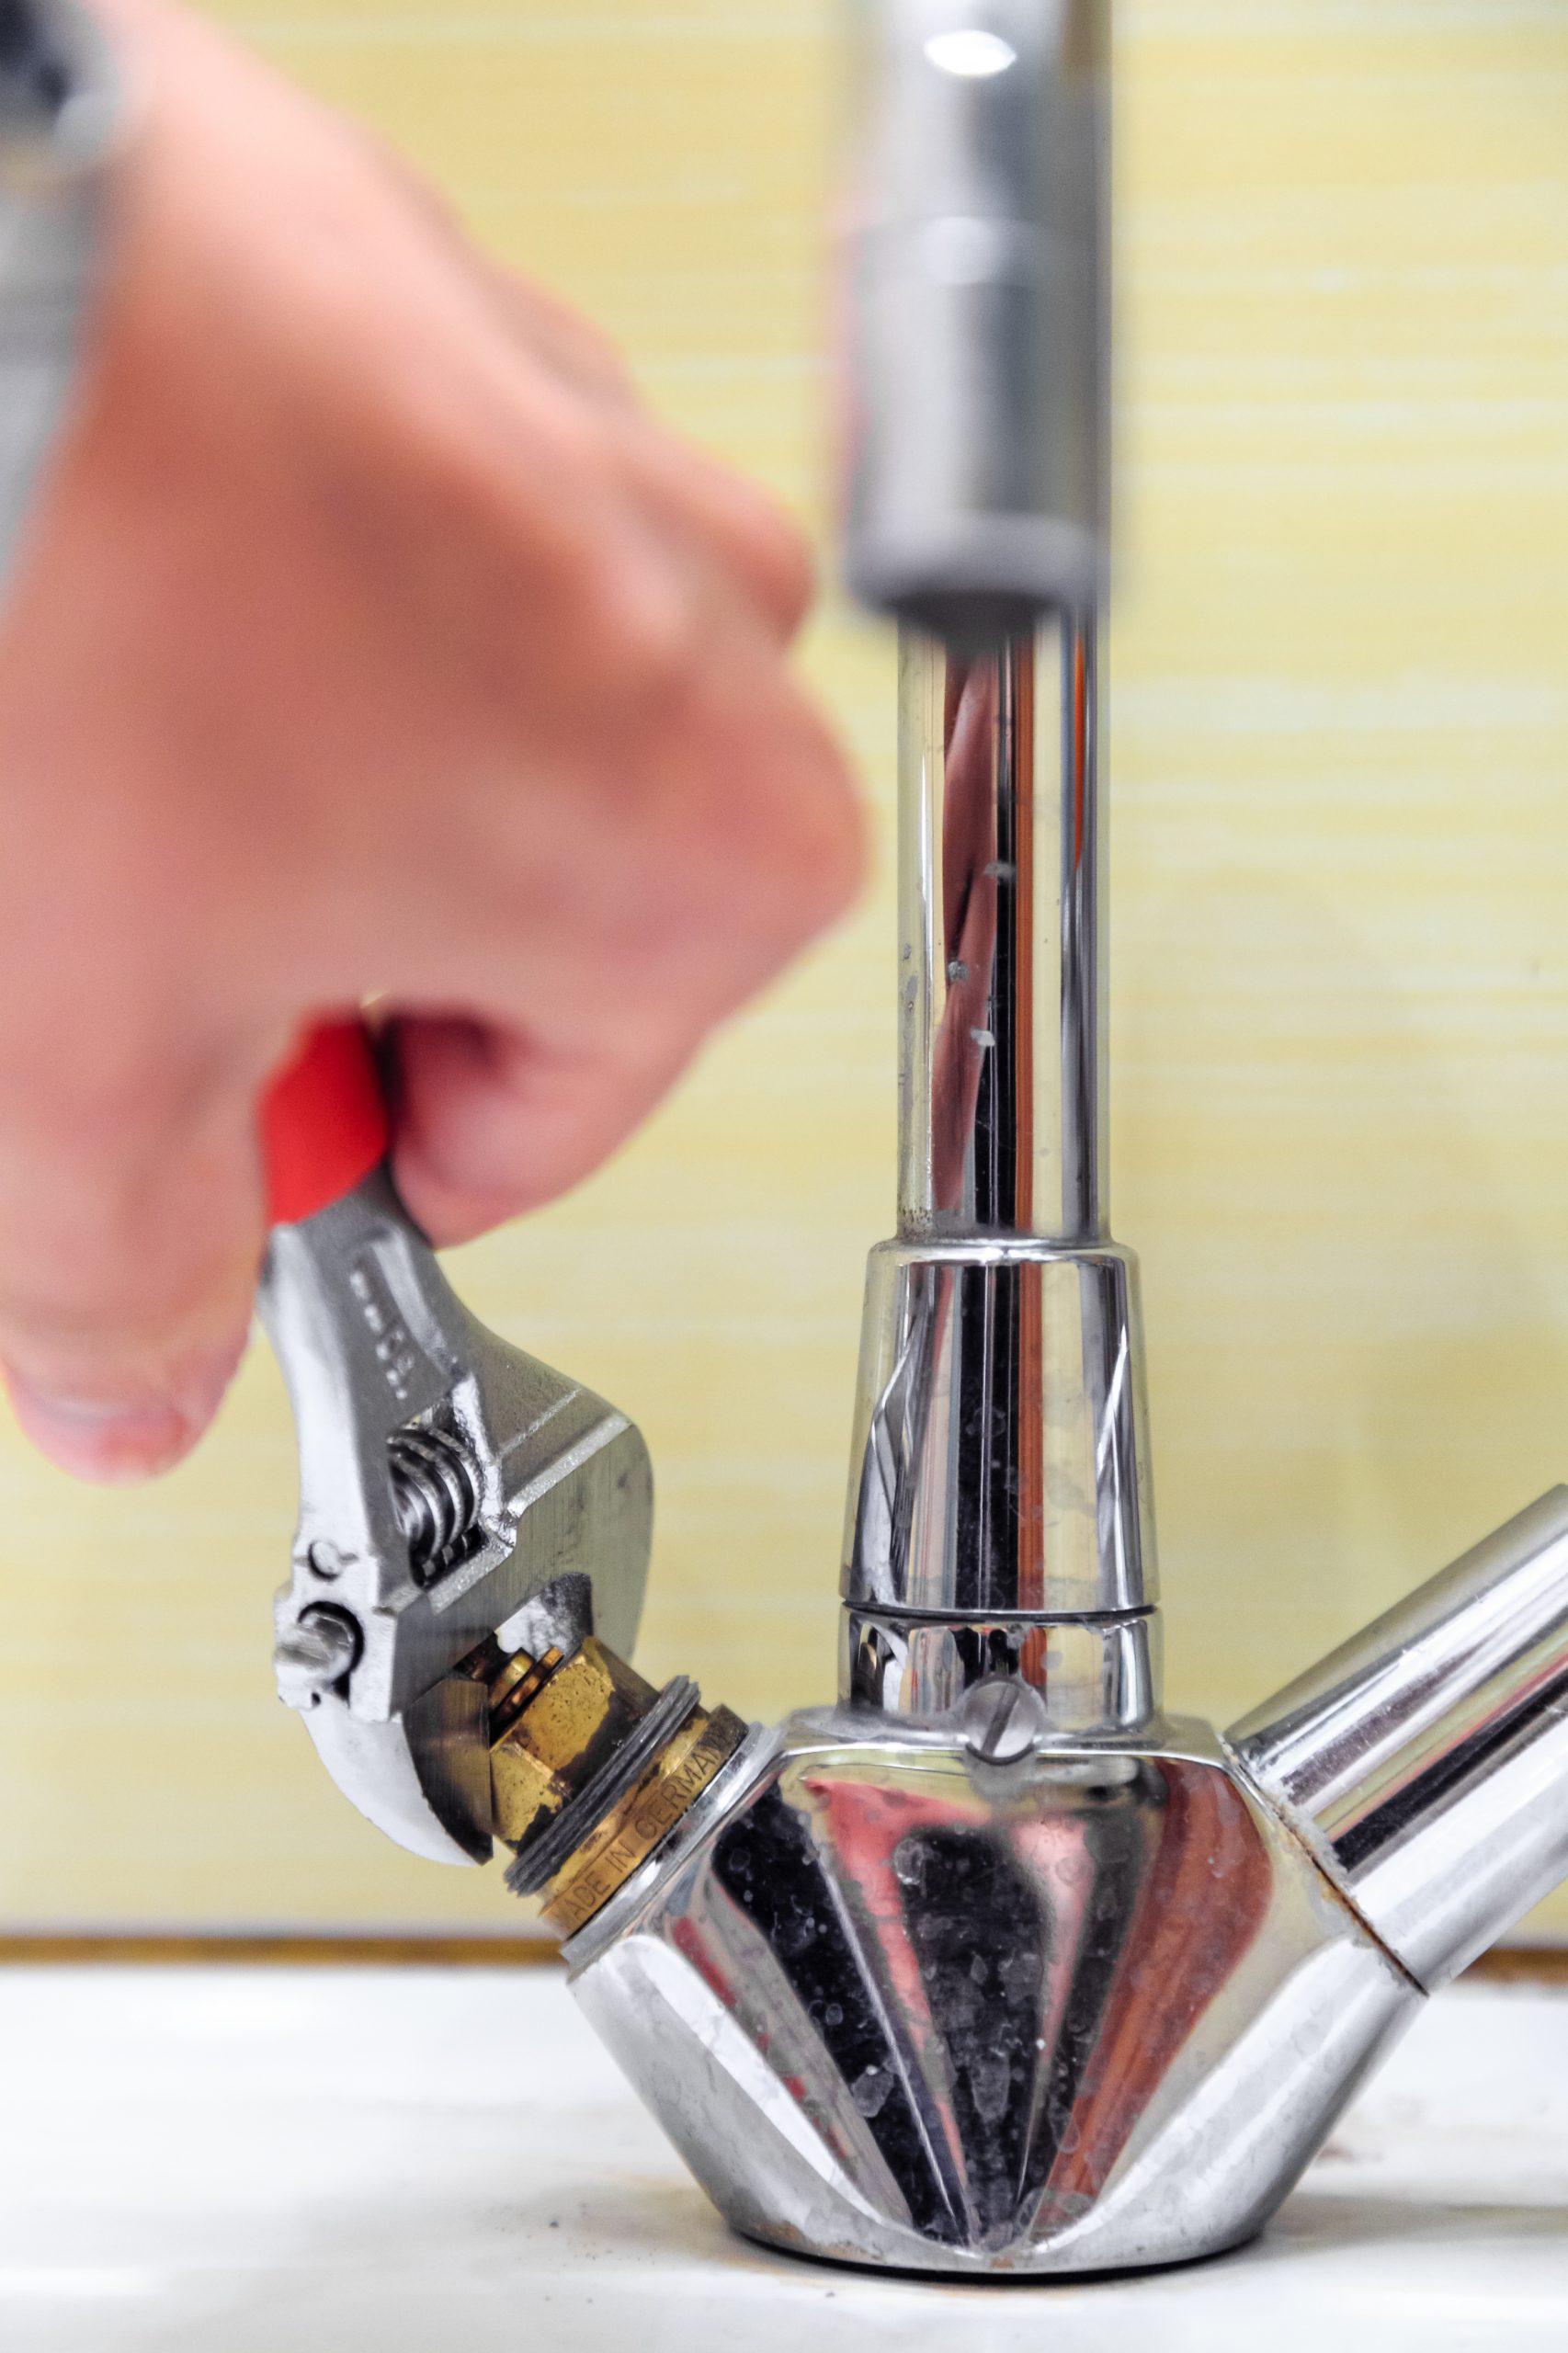 plumber tightening a sink tap